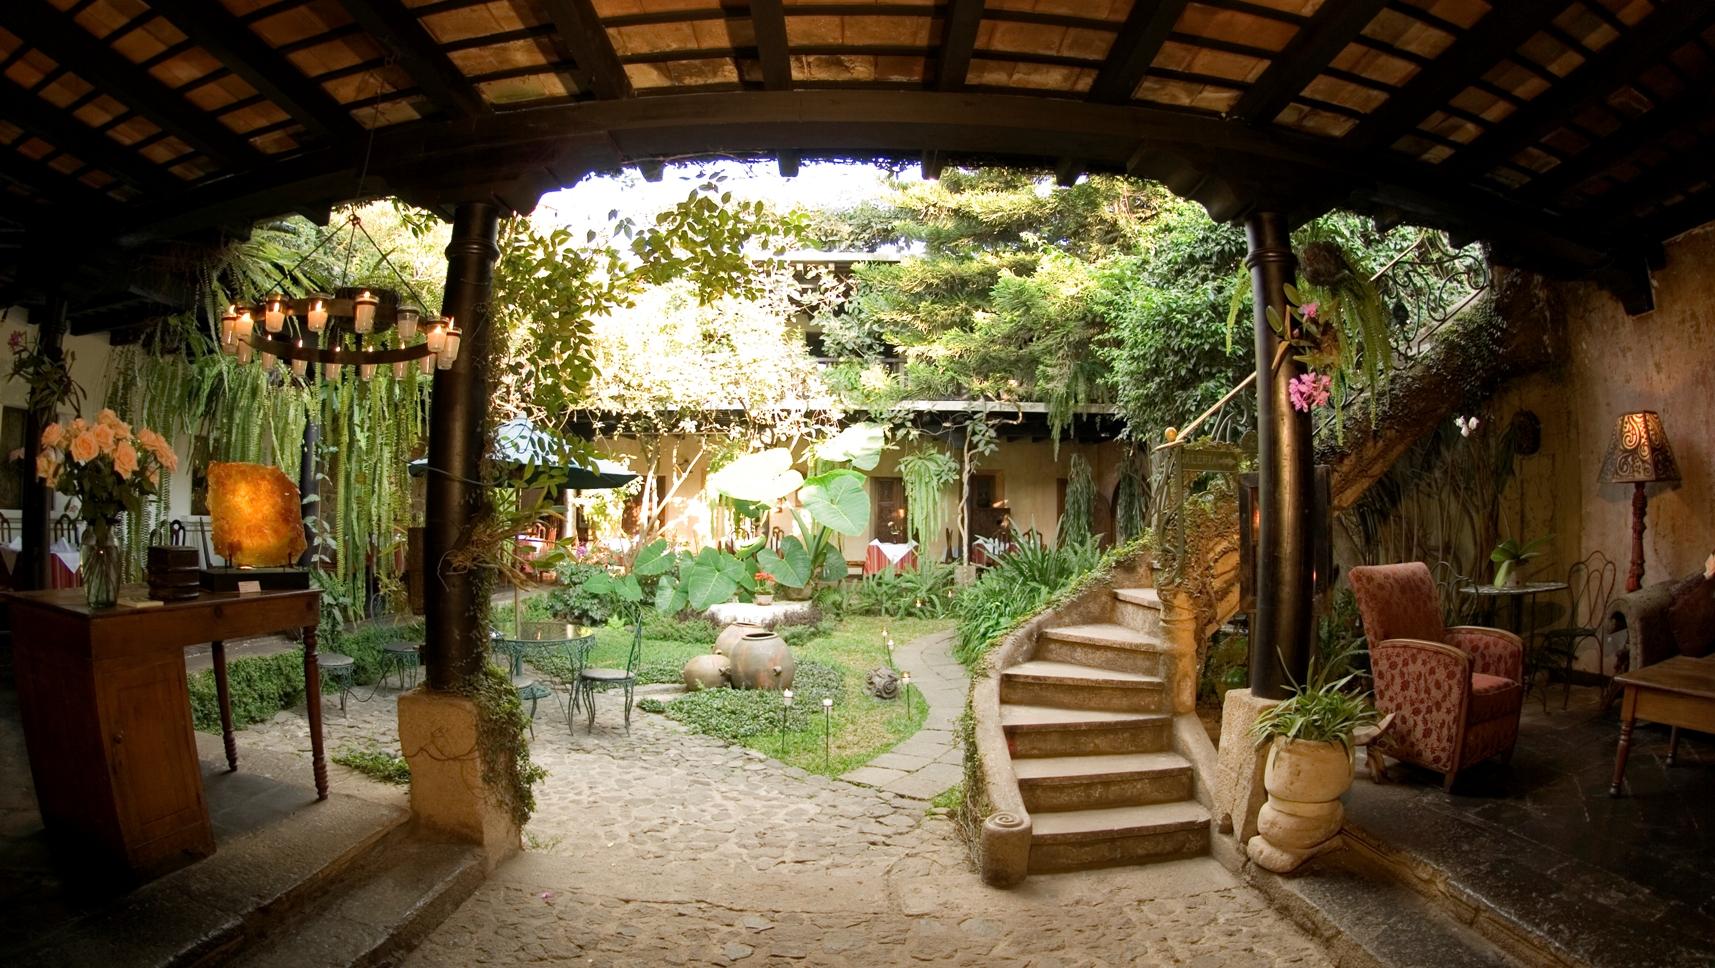 Meson Panza Verde Entrance